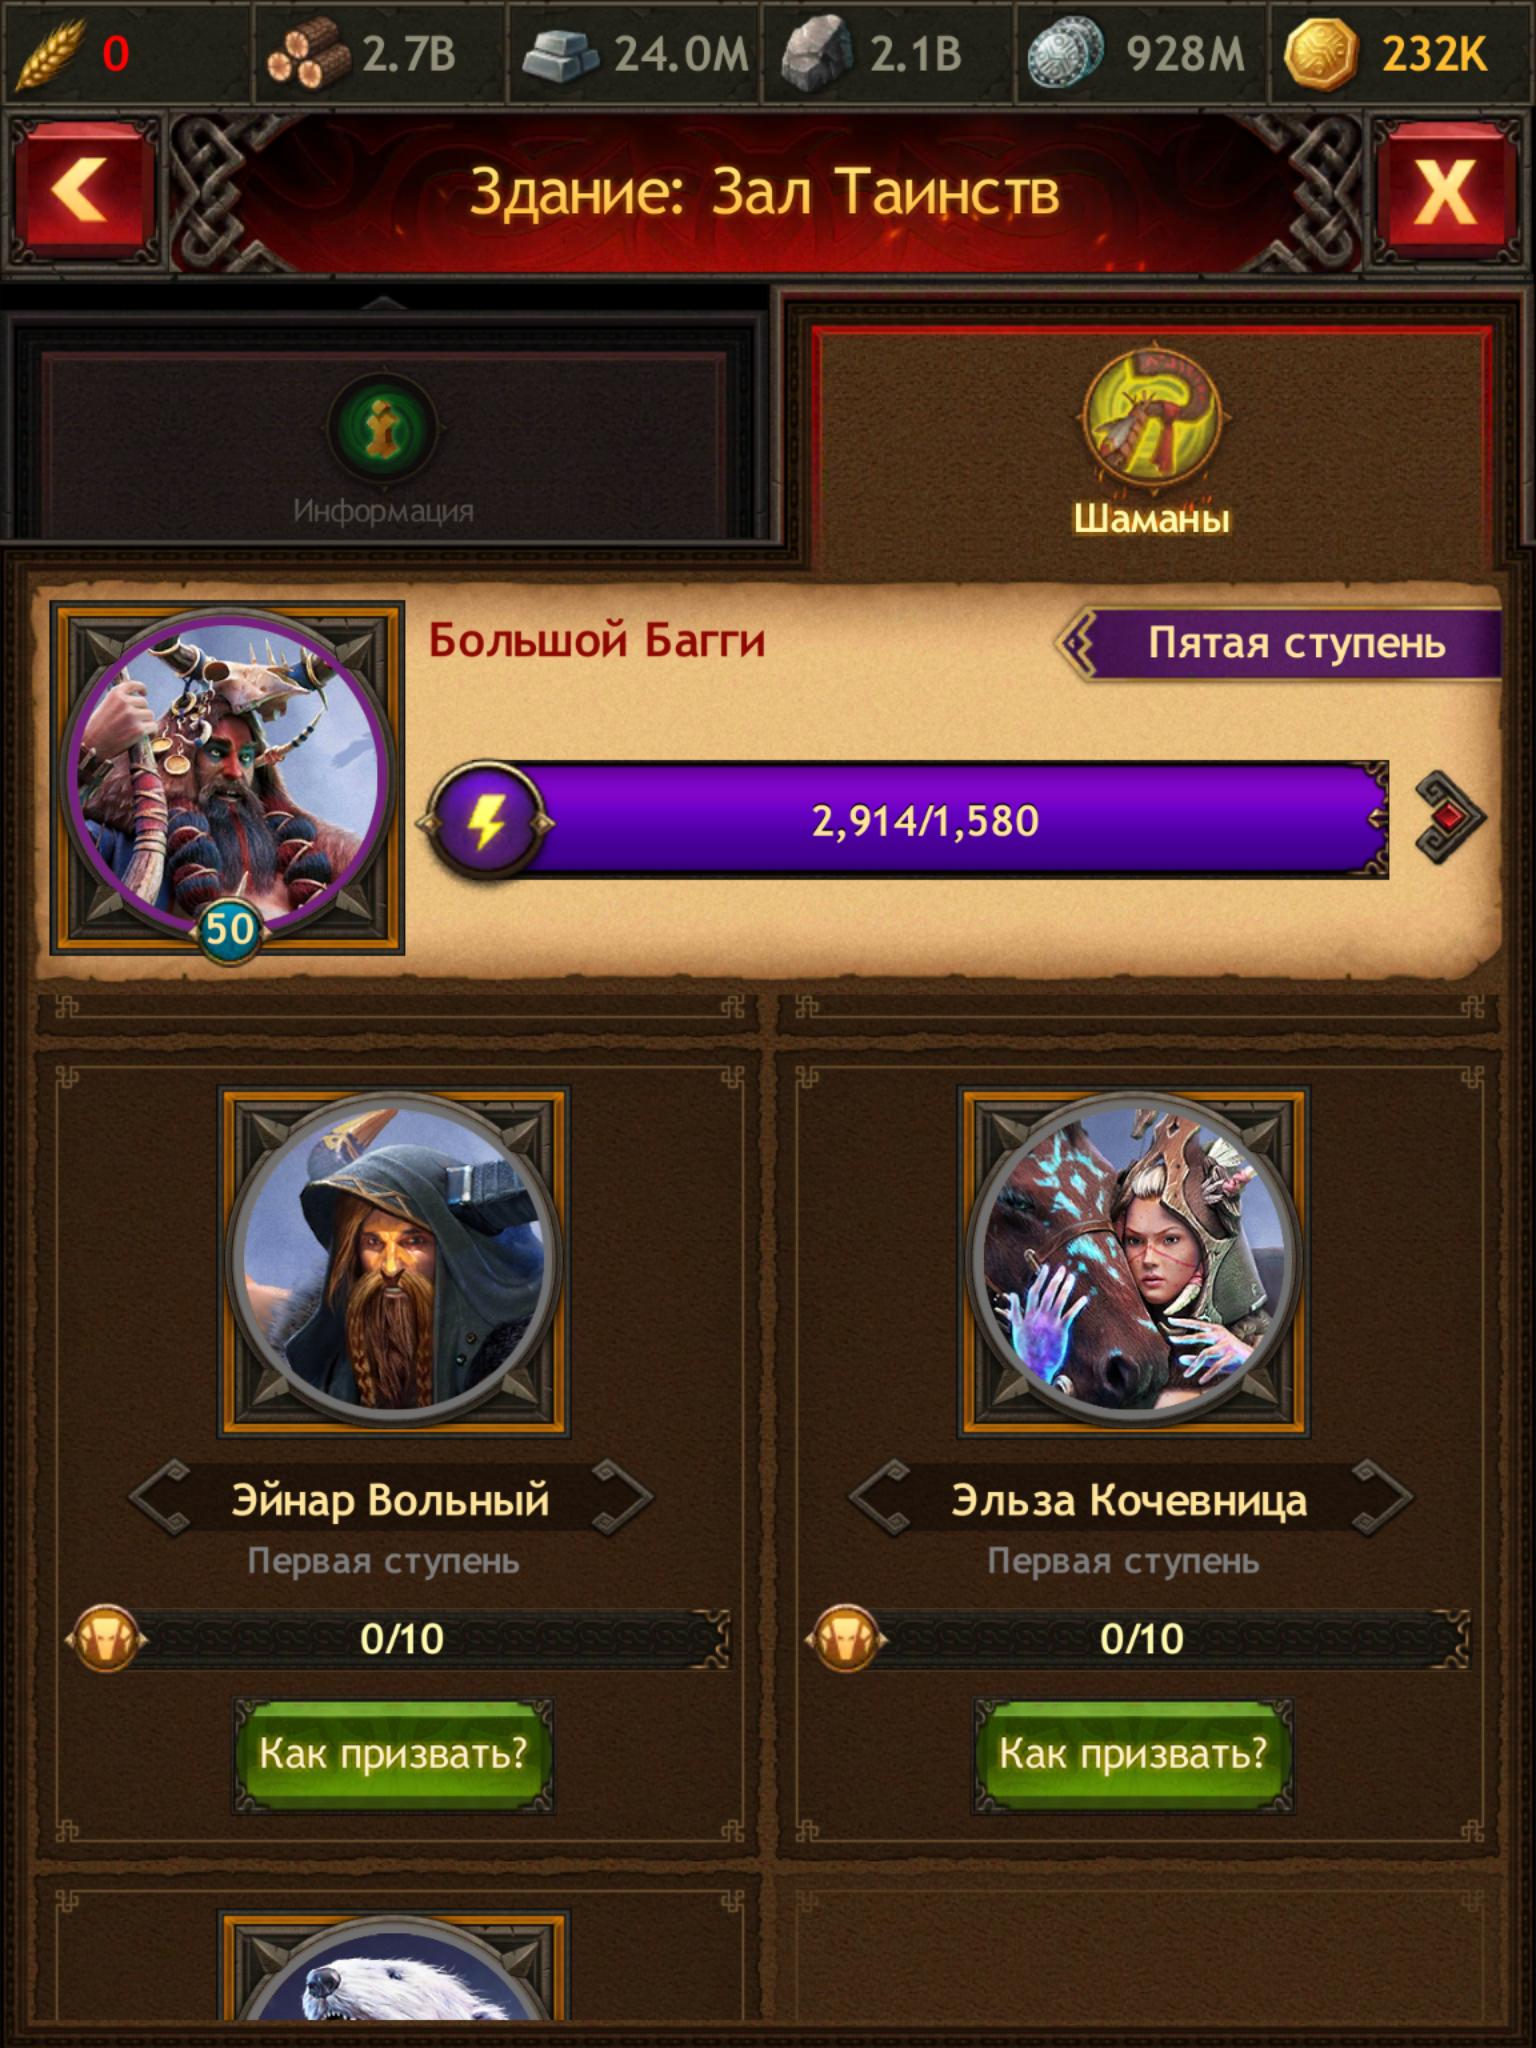 Гайд по игре Vikings War of Clans: Герои и Шаманы. - Изображение 5